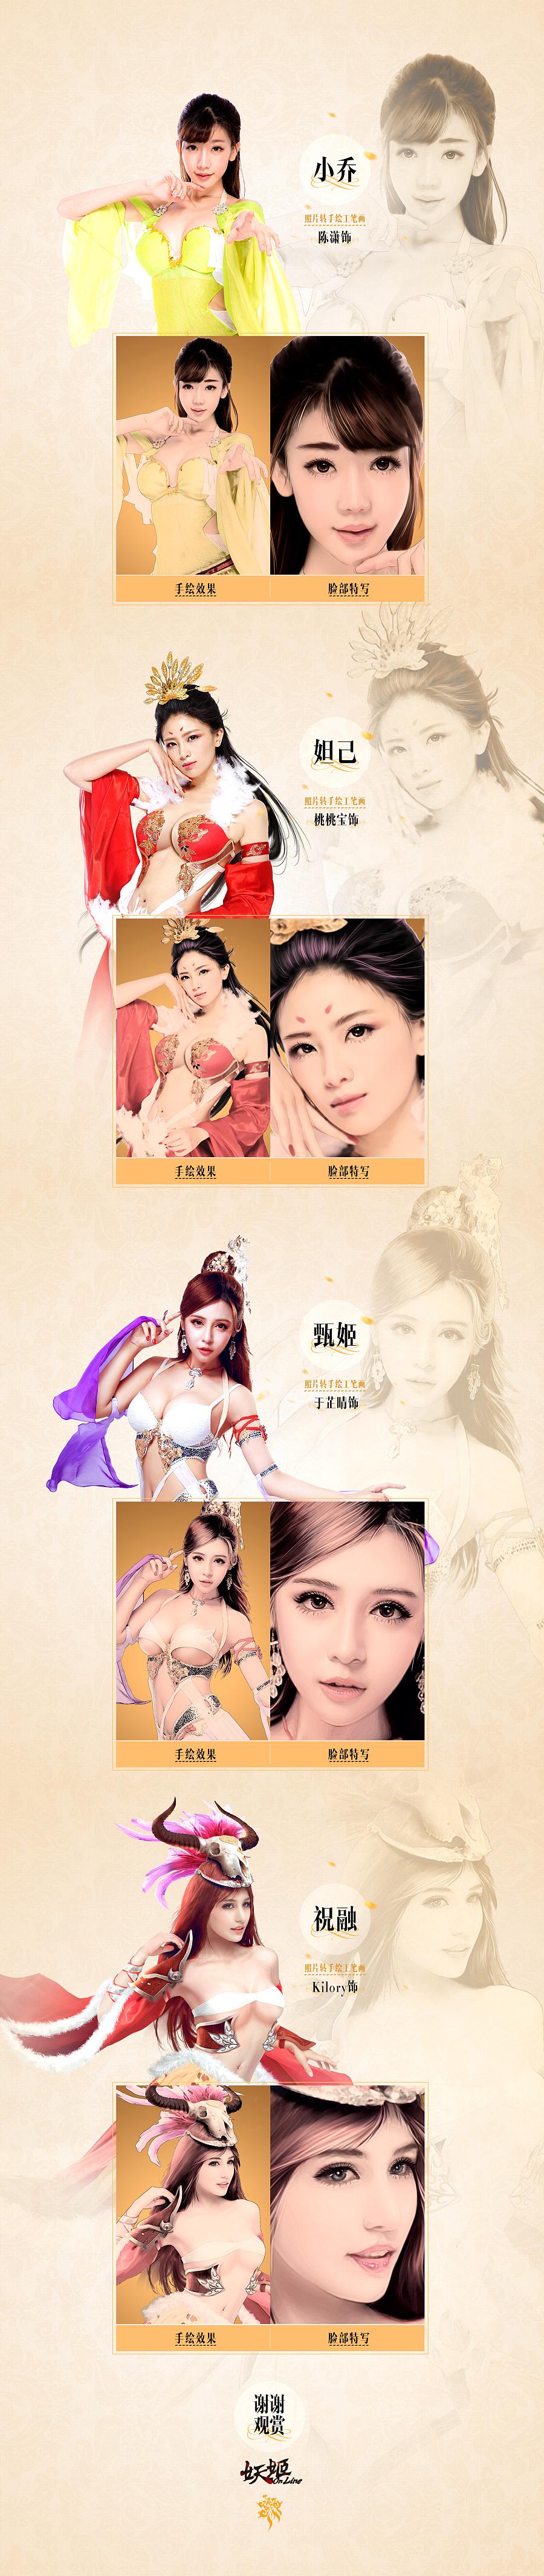 妖姬ol-平面写真转手绘海报